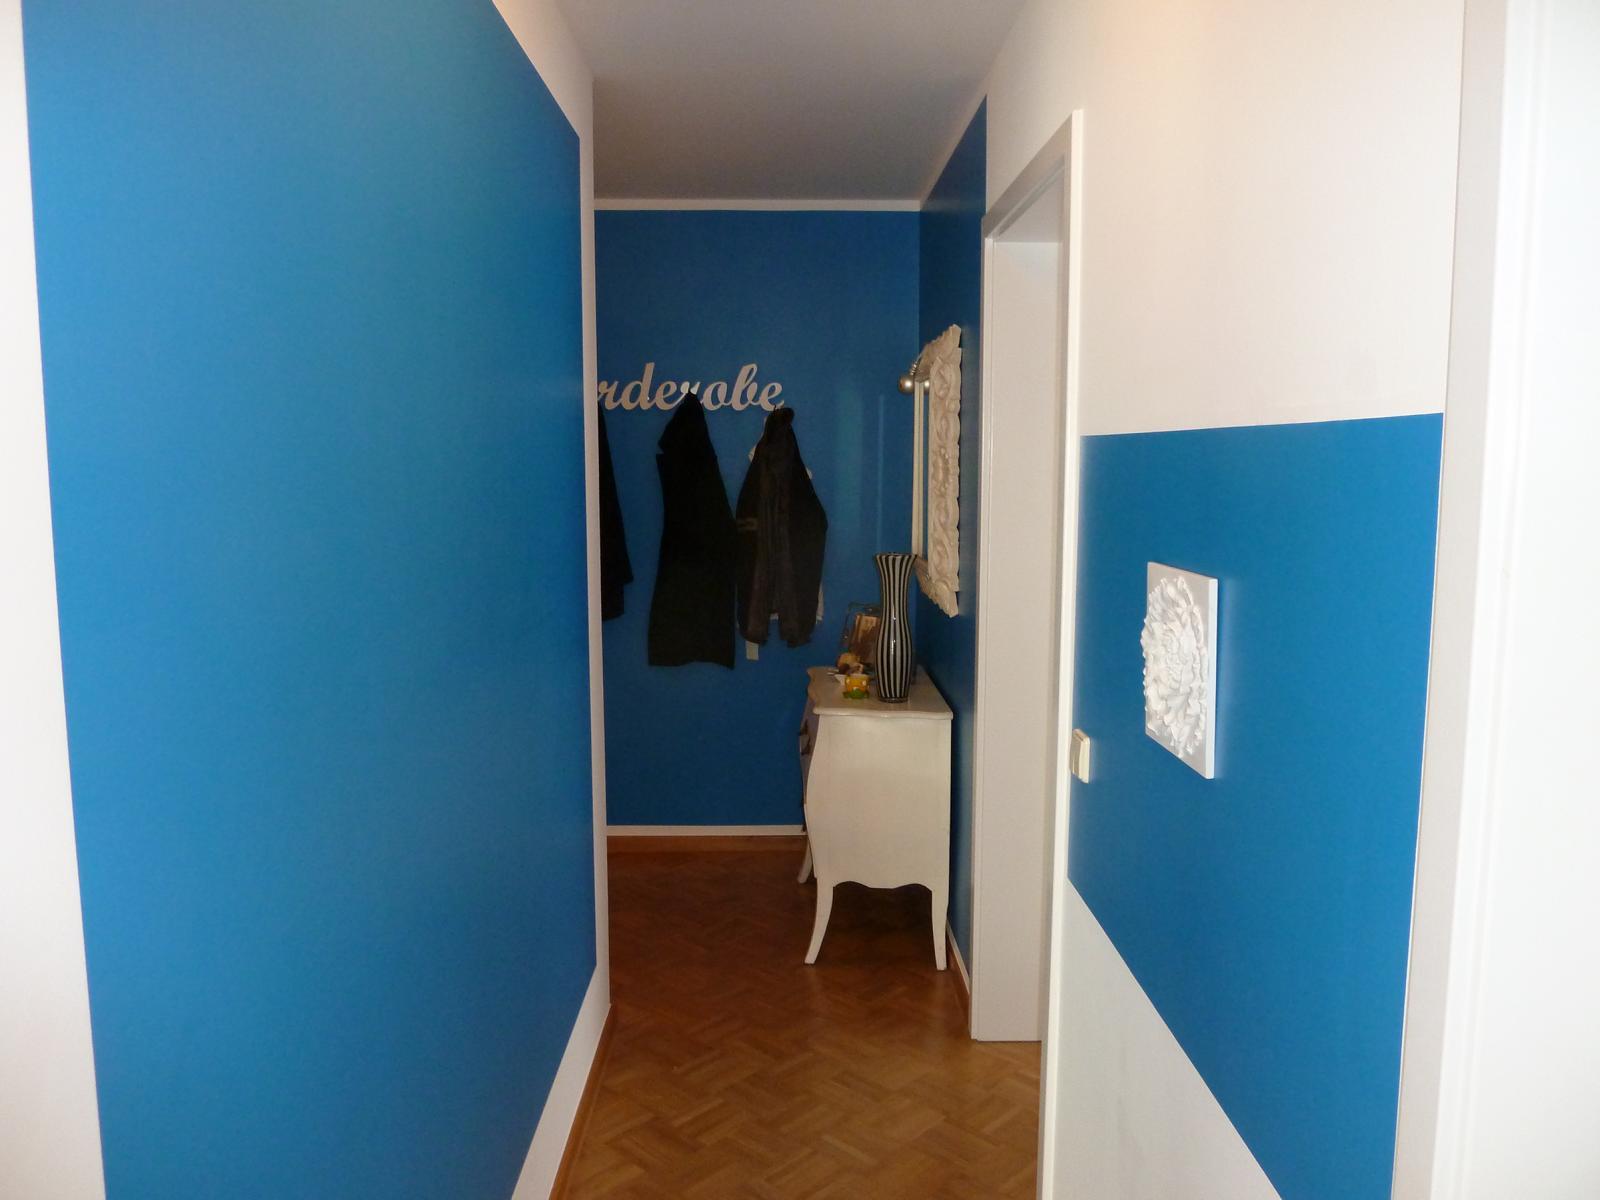 Korridor mit Stuckelementen